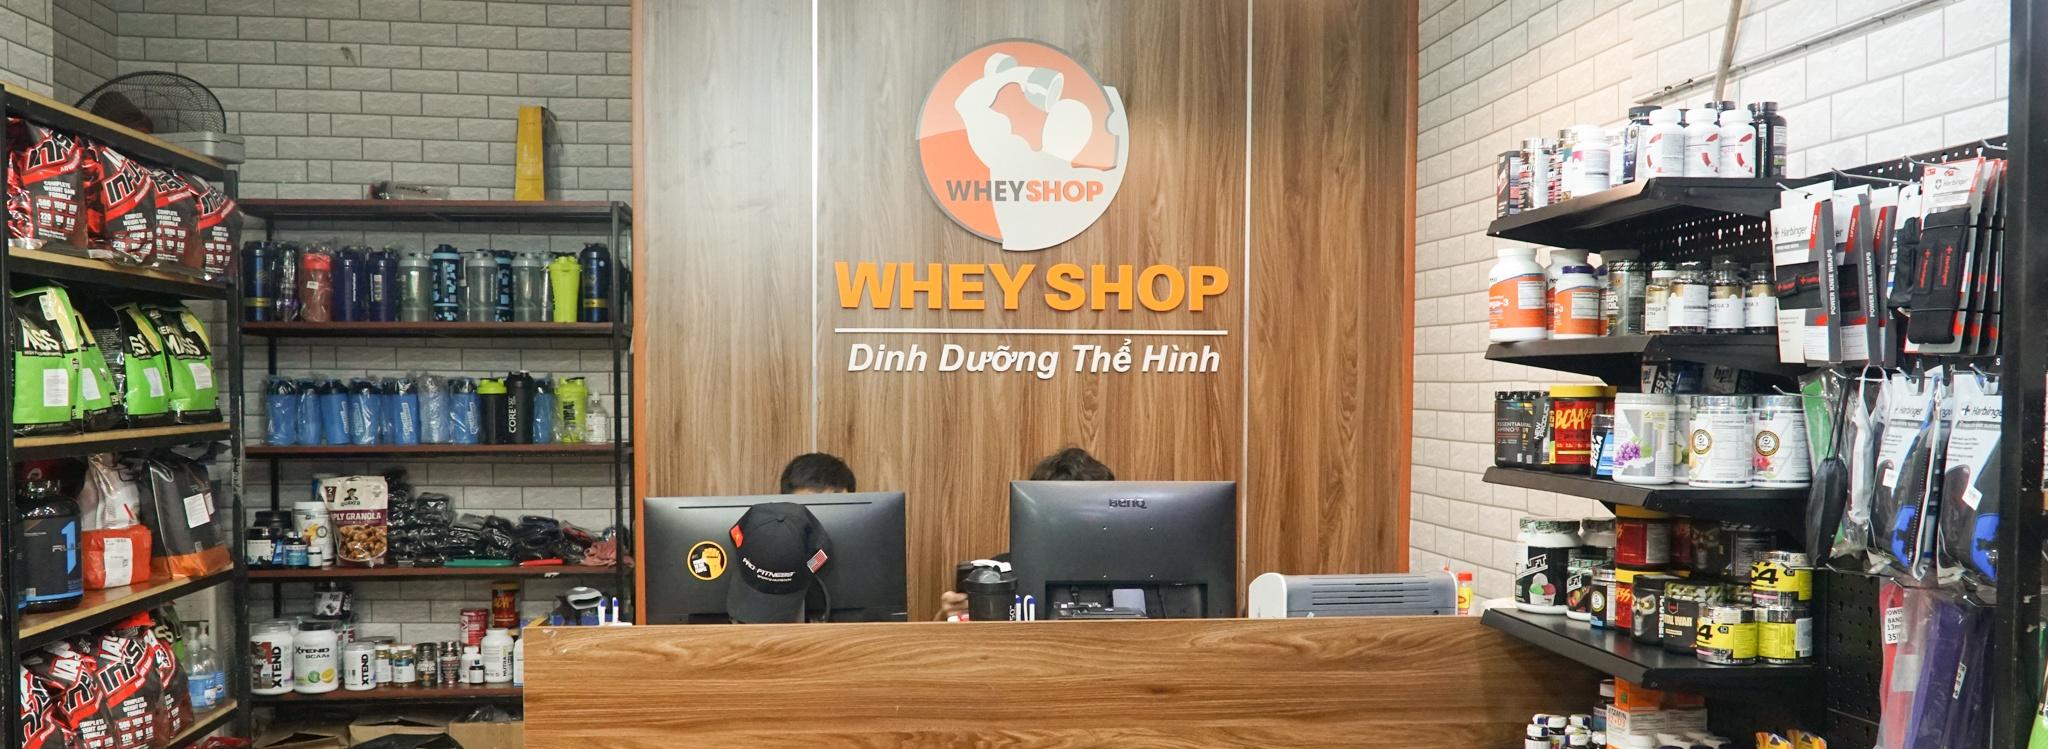 Nhân dịp Tết Tân Sửu 2021, WheyShop xin thông báo lịch nghỉ Tết Nguyên Đán như sau để tiện cho việc mua sắm cuối năm của quý khách hàng..